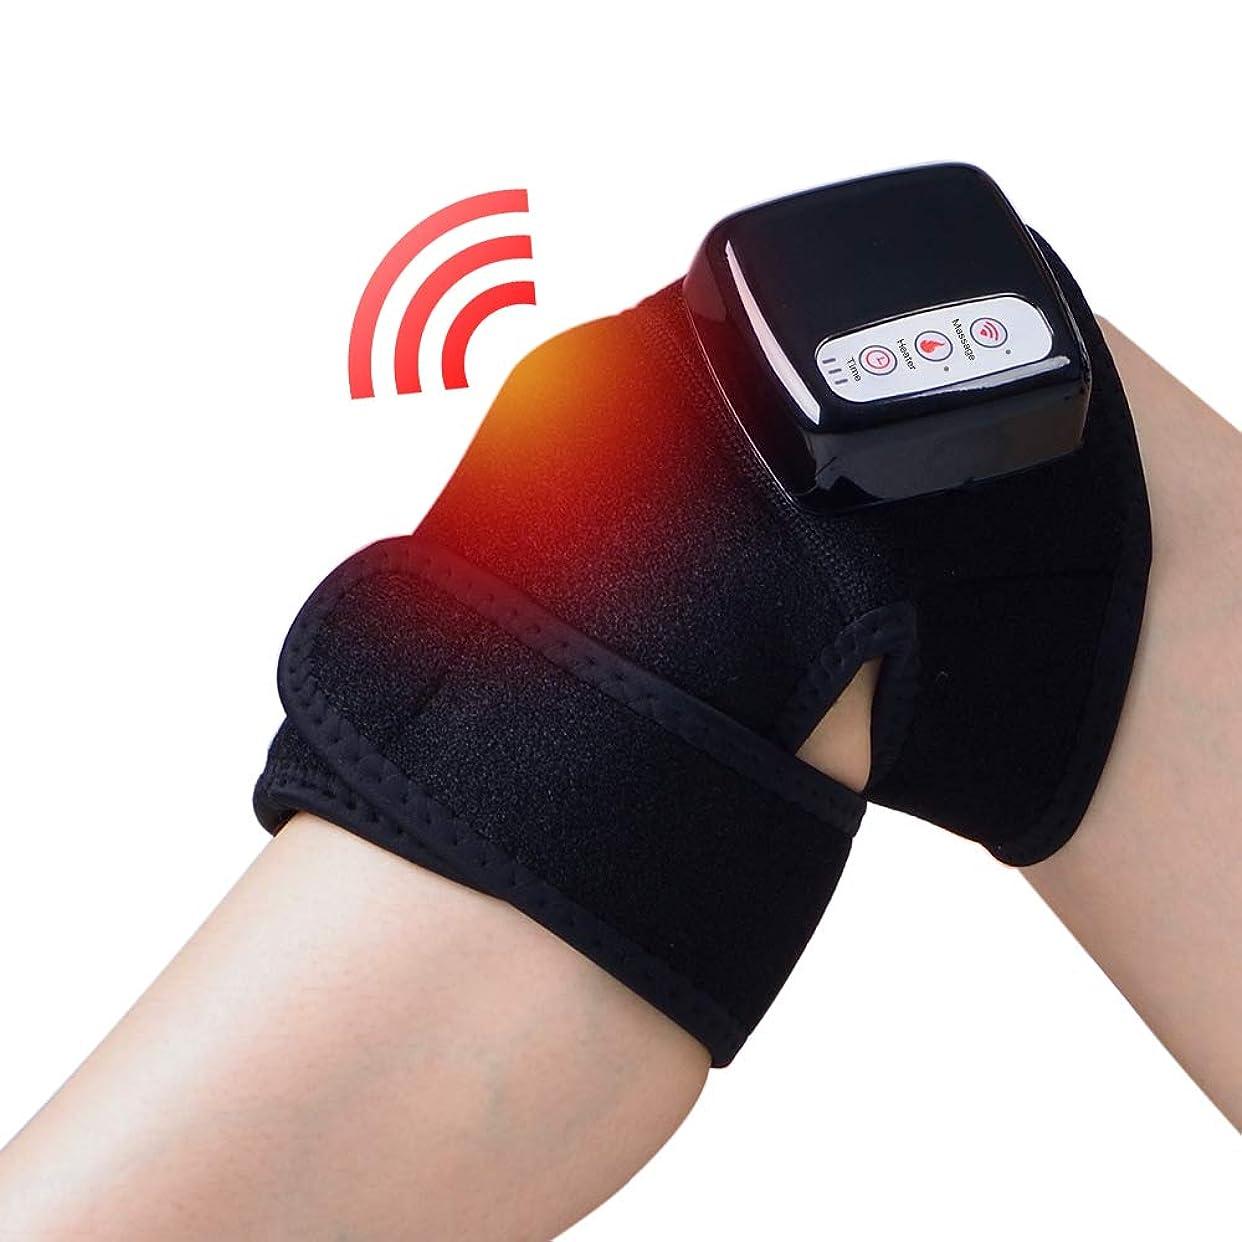 パノラマチョップまばたきChuangyue 膝関節加熱マッサージ マッサージ器 フットマッサージャー ひざ マッサージャー 振動 赤外線療法 温熱療法 膝サポーター ストレス解消 膝マット 太もも/腕対応